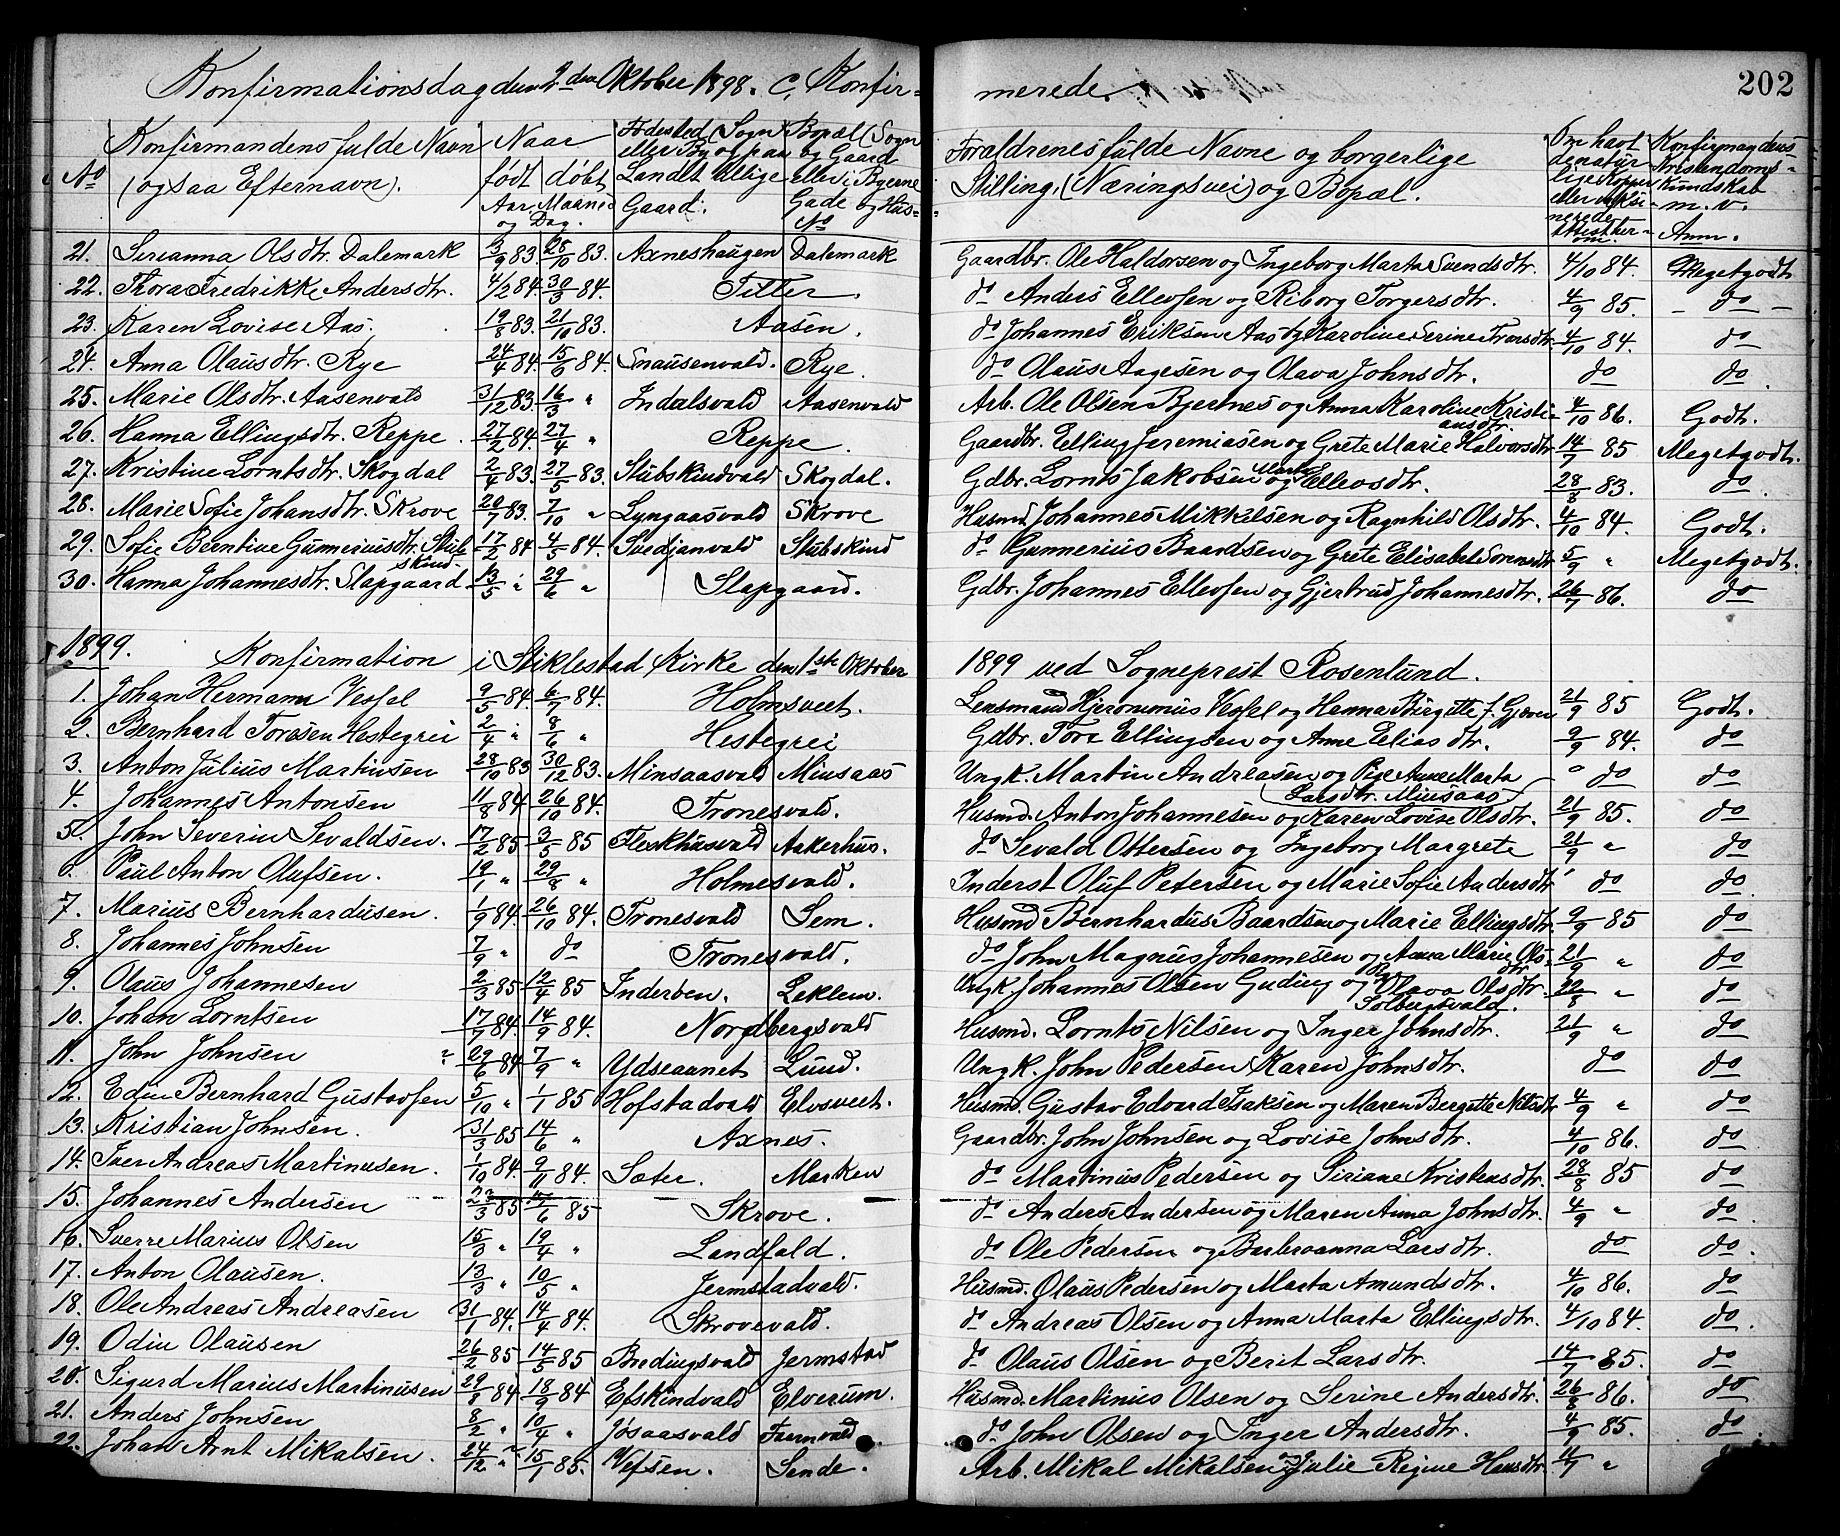 SAT, Ministerialprotokoller, klokkerbøker og fødselsregistre - Nord-Trøndelag, 723/L0257: Klokkerbok nr. 723C05, 1890-1907, s. 202